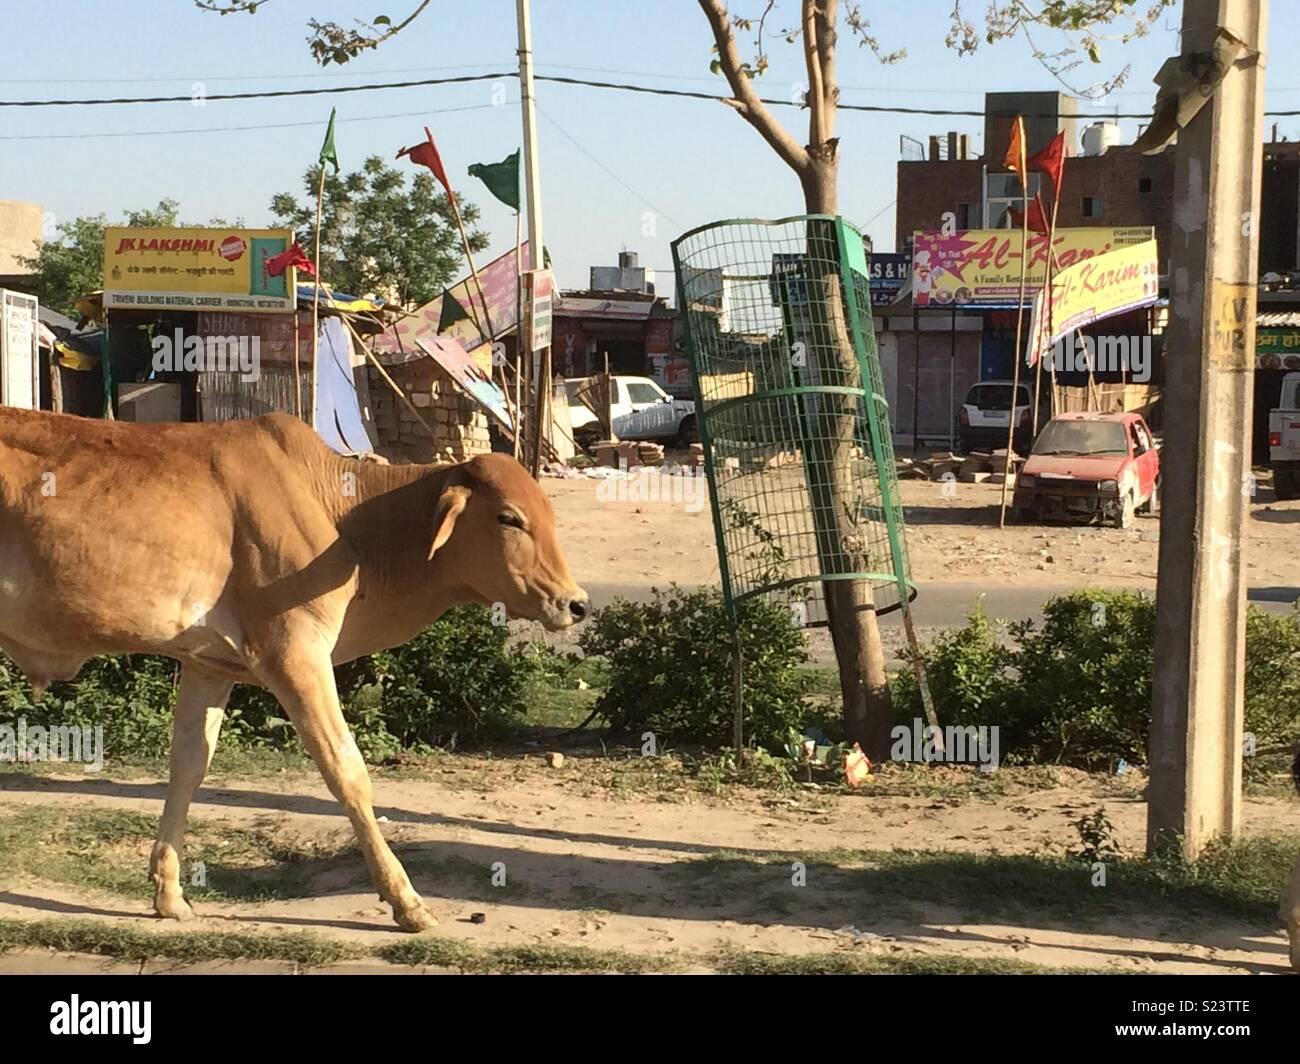 Una vacca a piedi giù per una strada indiana Immagini Stock